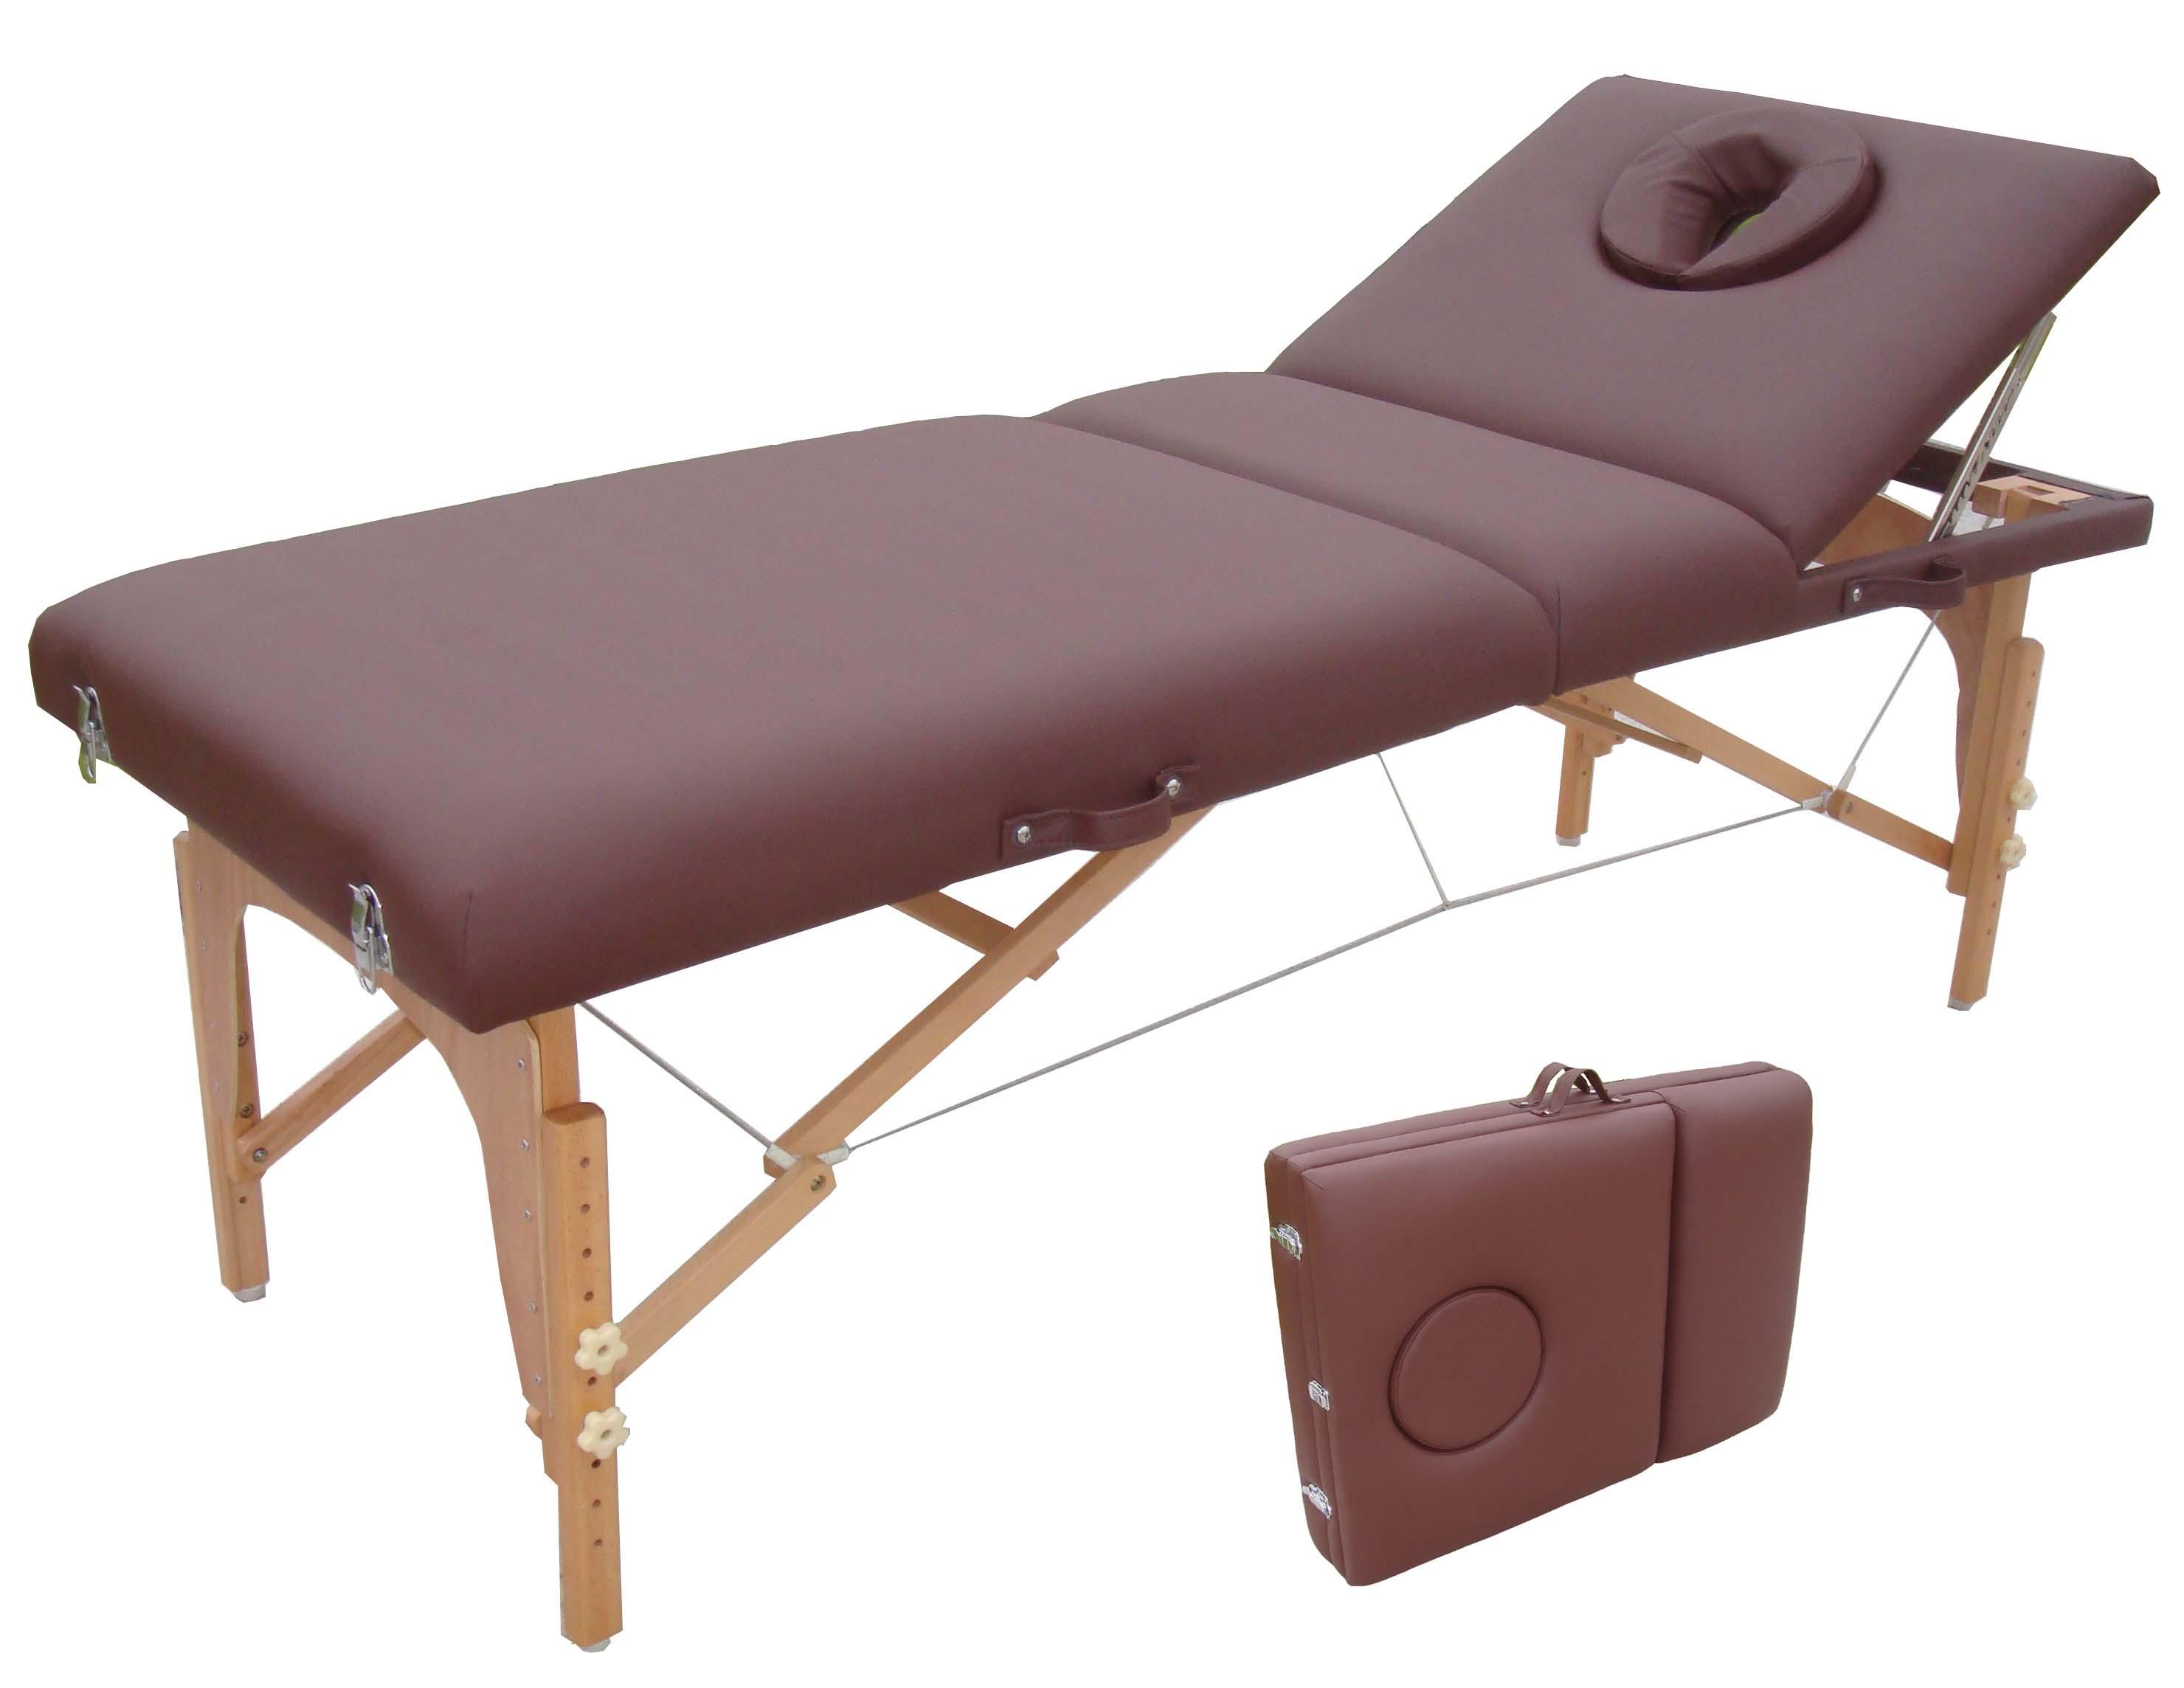 massage seng MT 009 2 Wooden Massage Seng Popular In SPA Center(CE, RoHS) massage seng